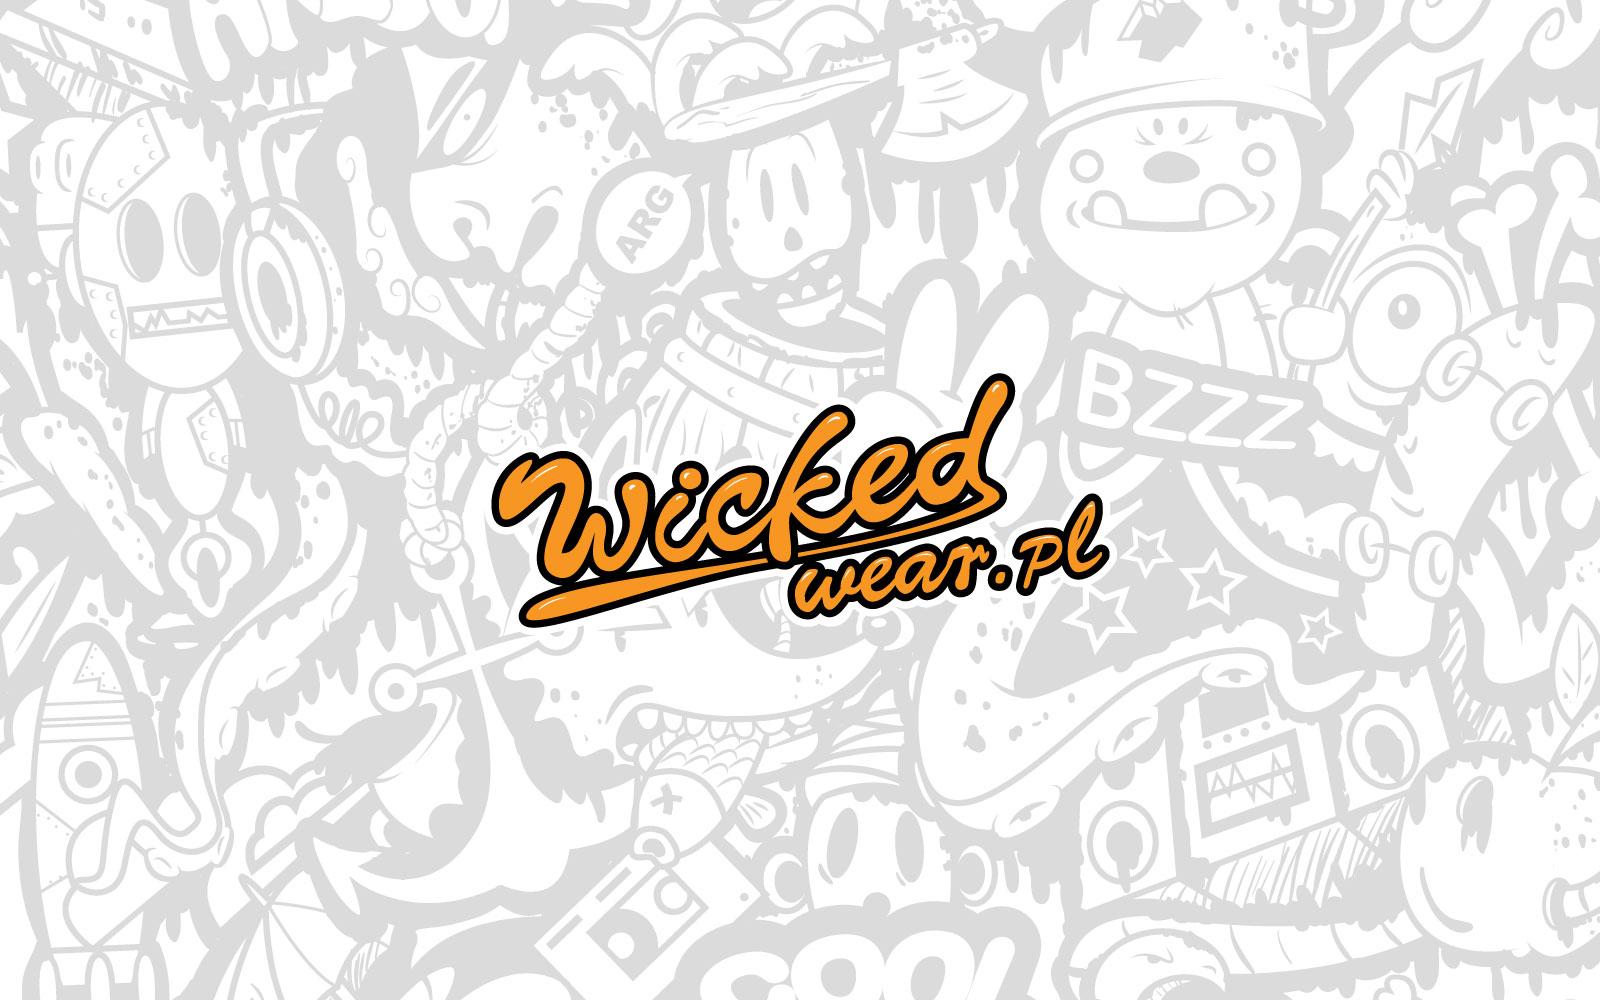 1logo-marki-odziezowej-wickedwear